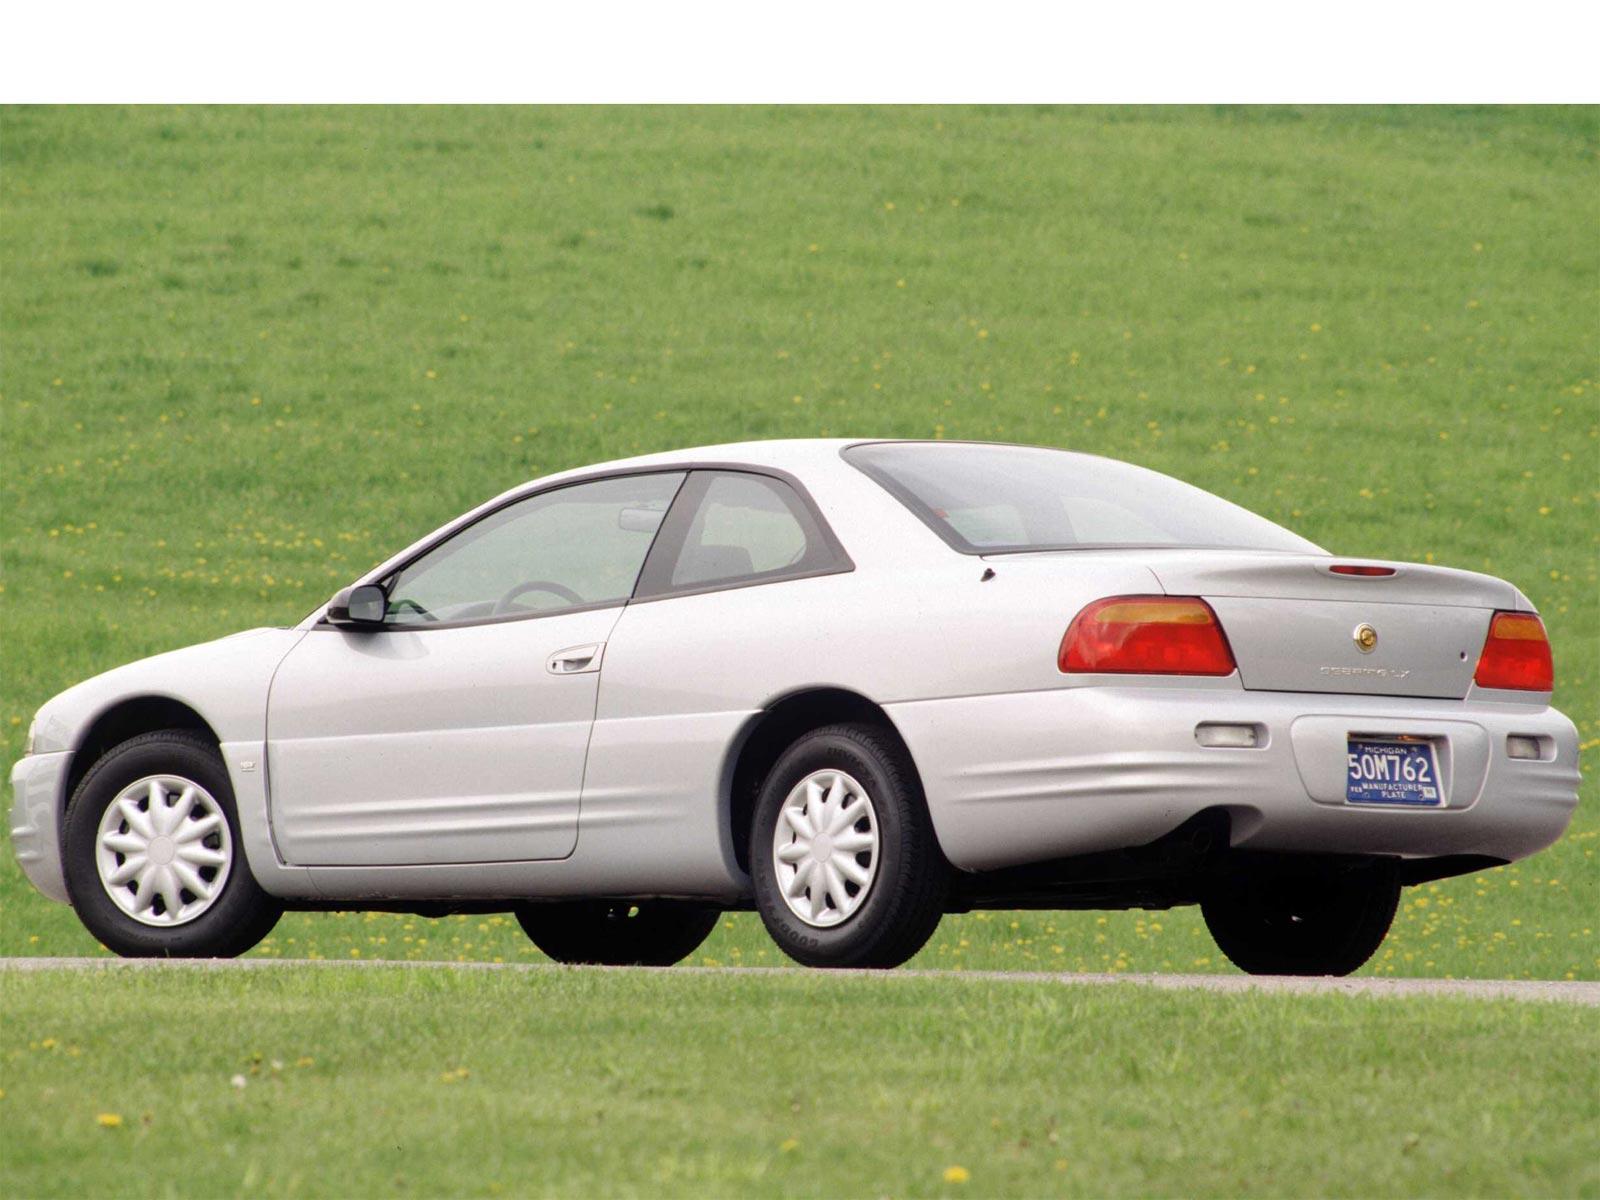 Chrysler Sebring Coupe 2 5 V6 166 Hp